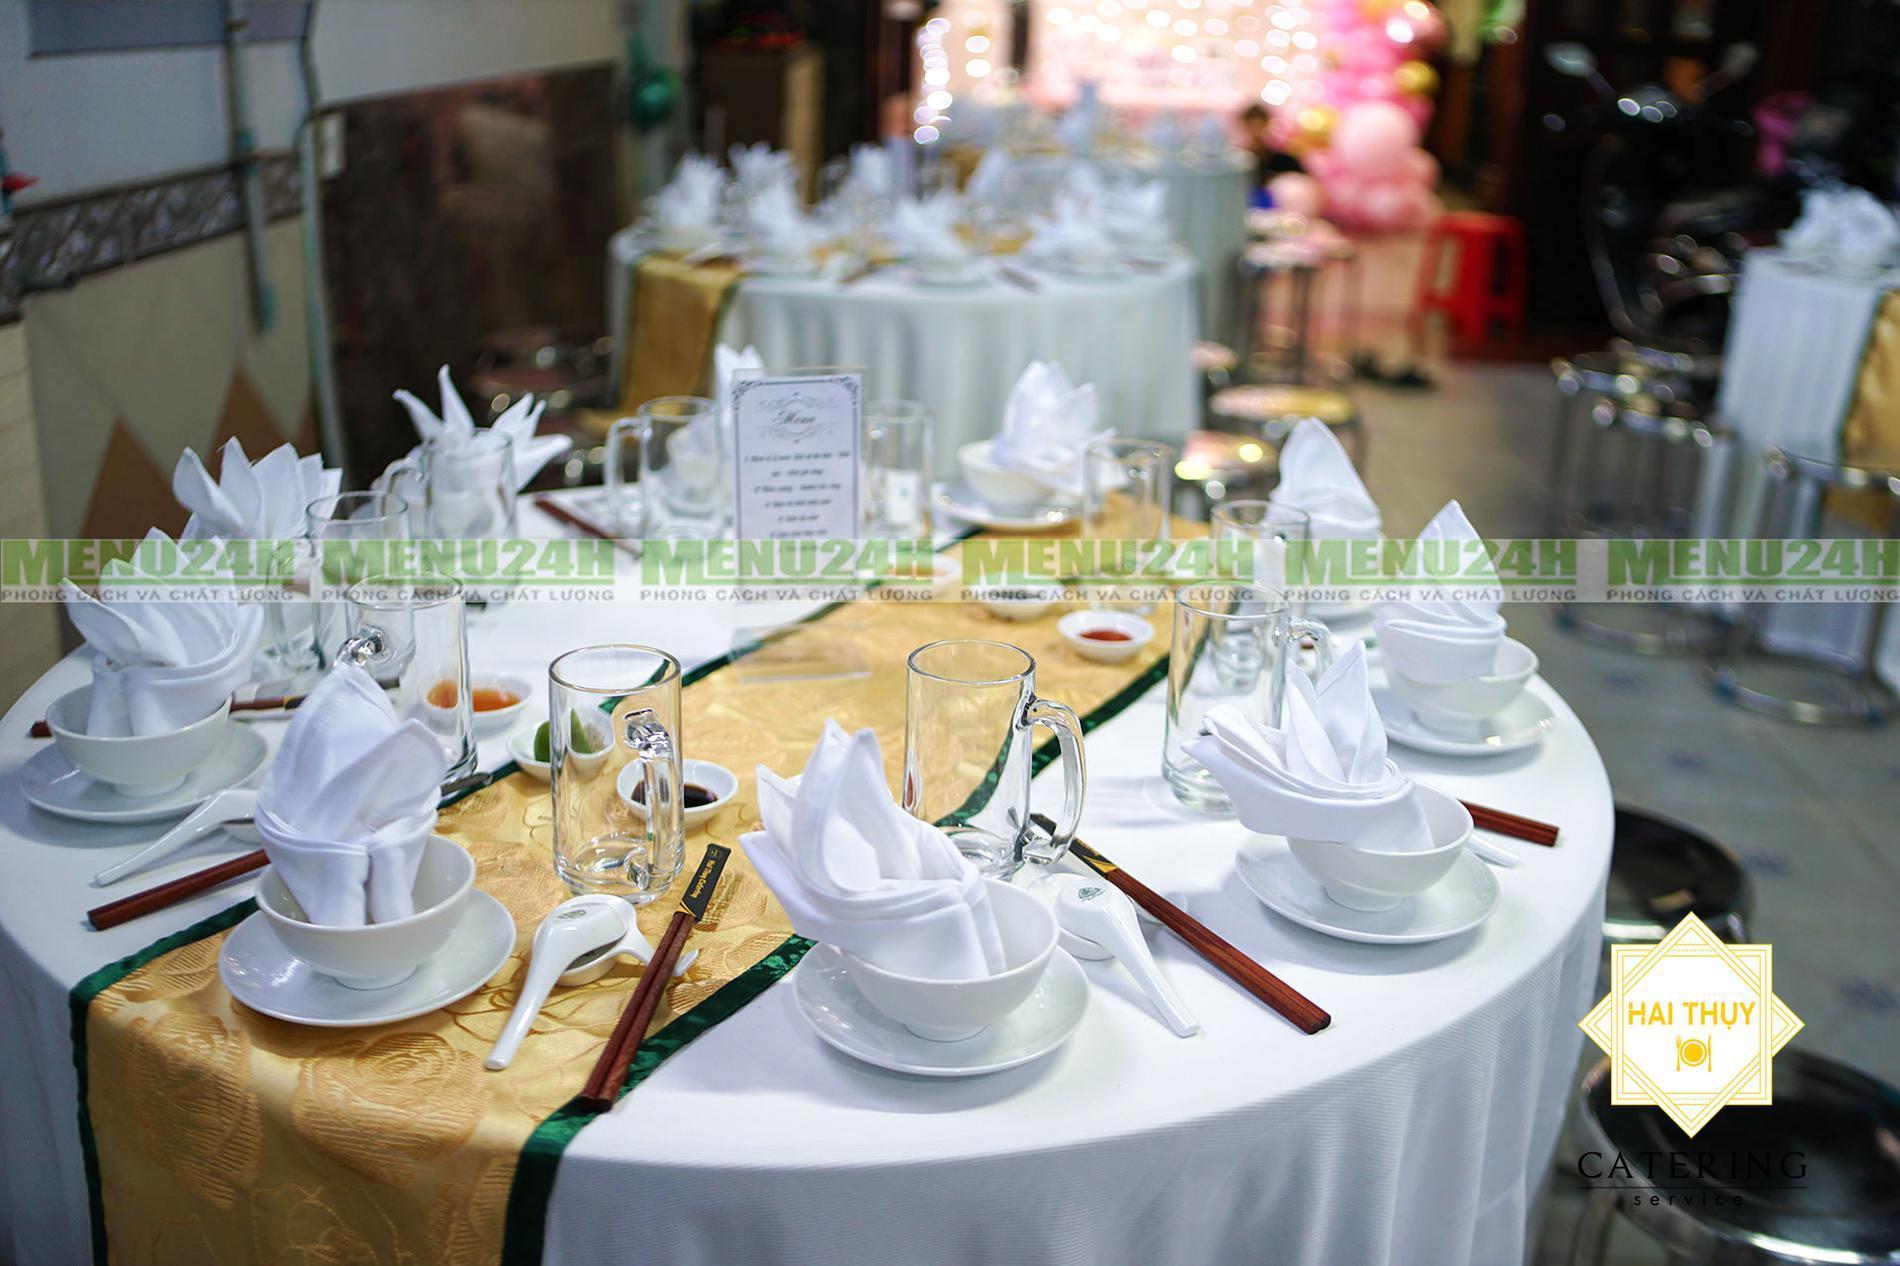 Dịch vụ nấu tiệc Quận 9 - Tiệc lưu động tận nơi chuyên nghiệp Tp. HCM